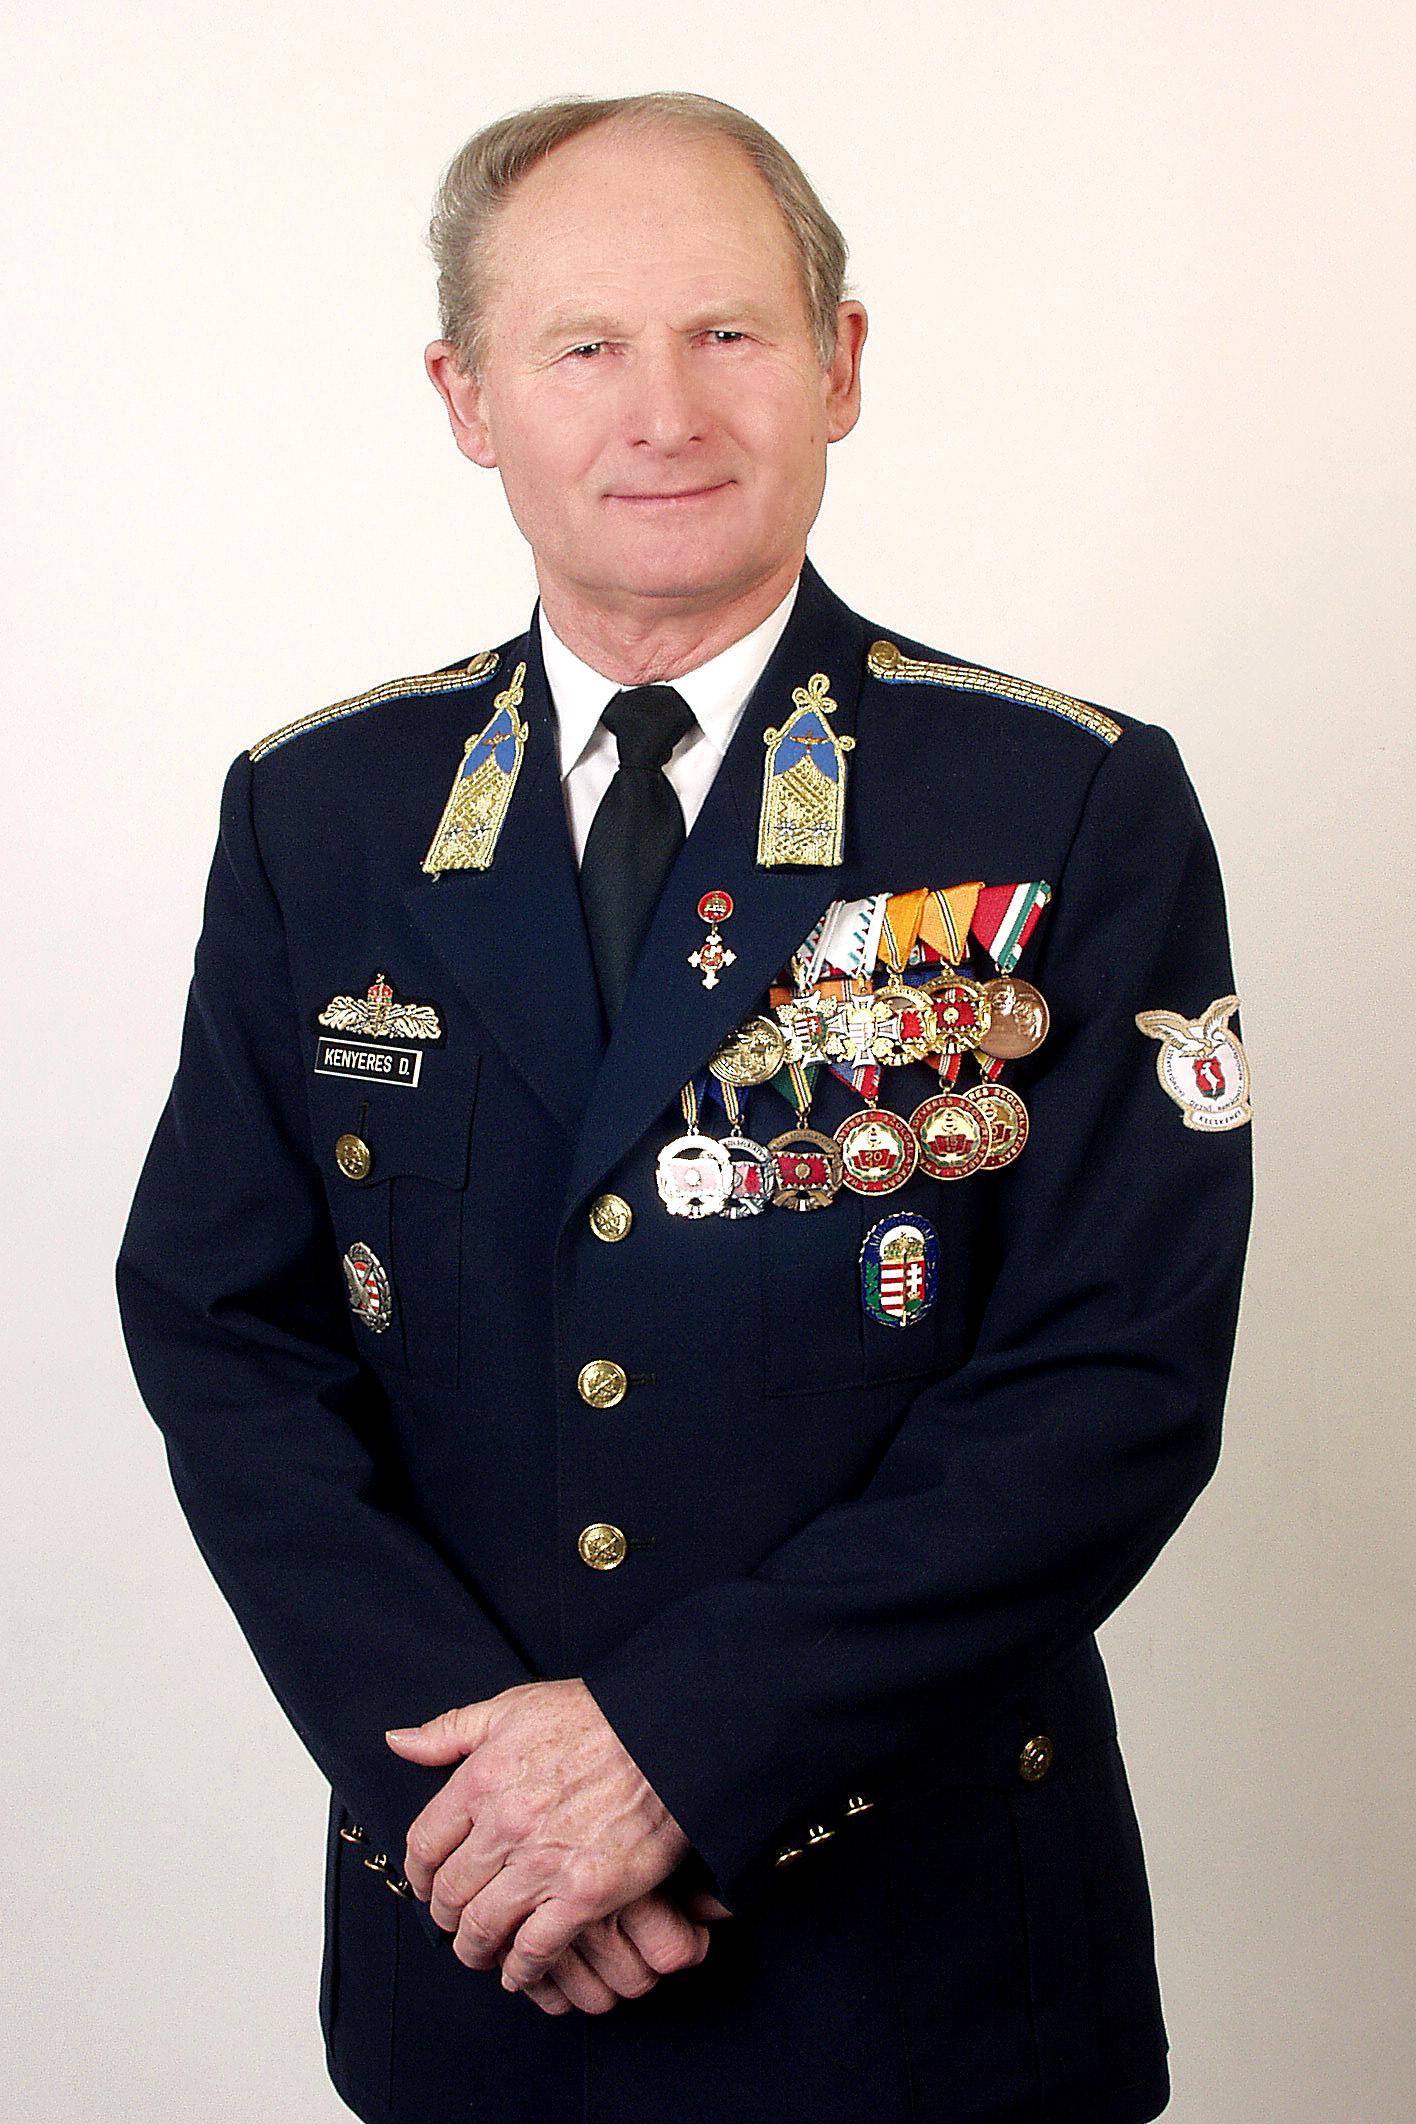 f506a0b98c74 Kenyeres Dénes amatőr repülés- és hadtörténész, nyugállományú honvéd  alezredes, nemzetőr tábornok